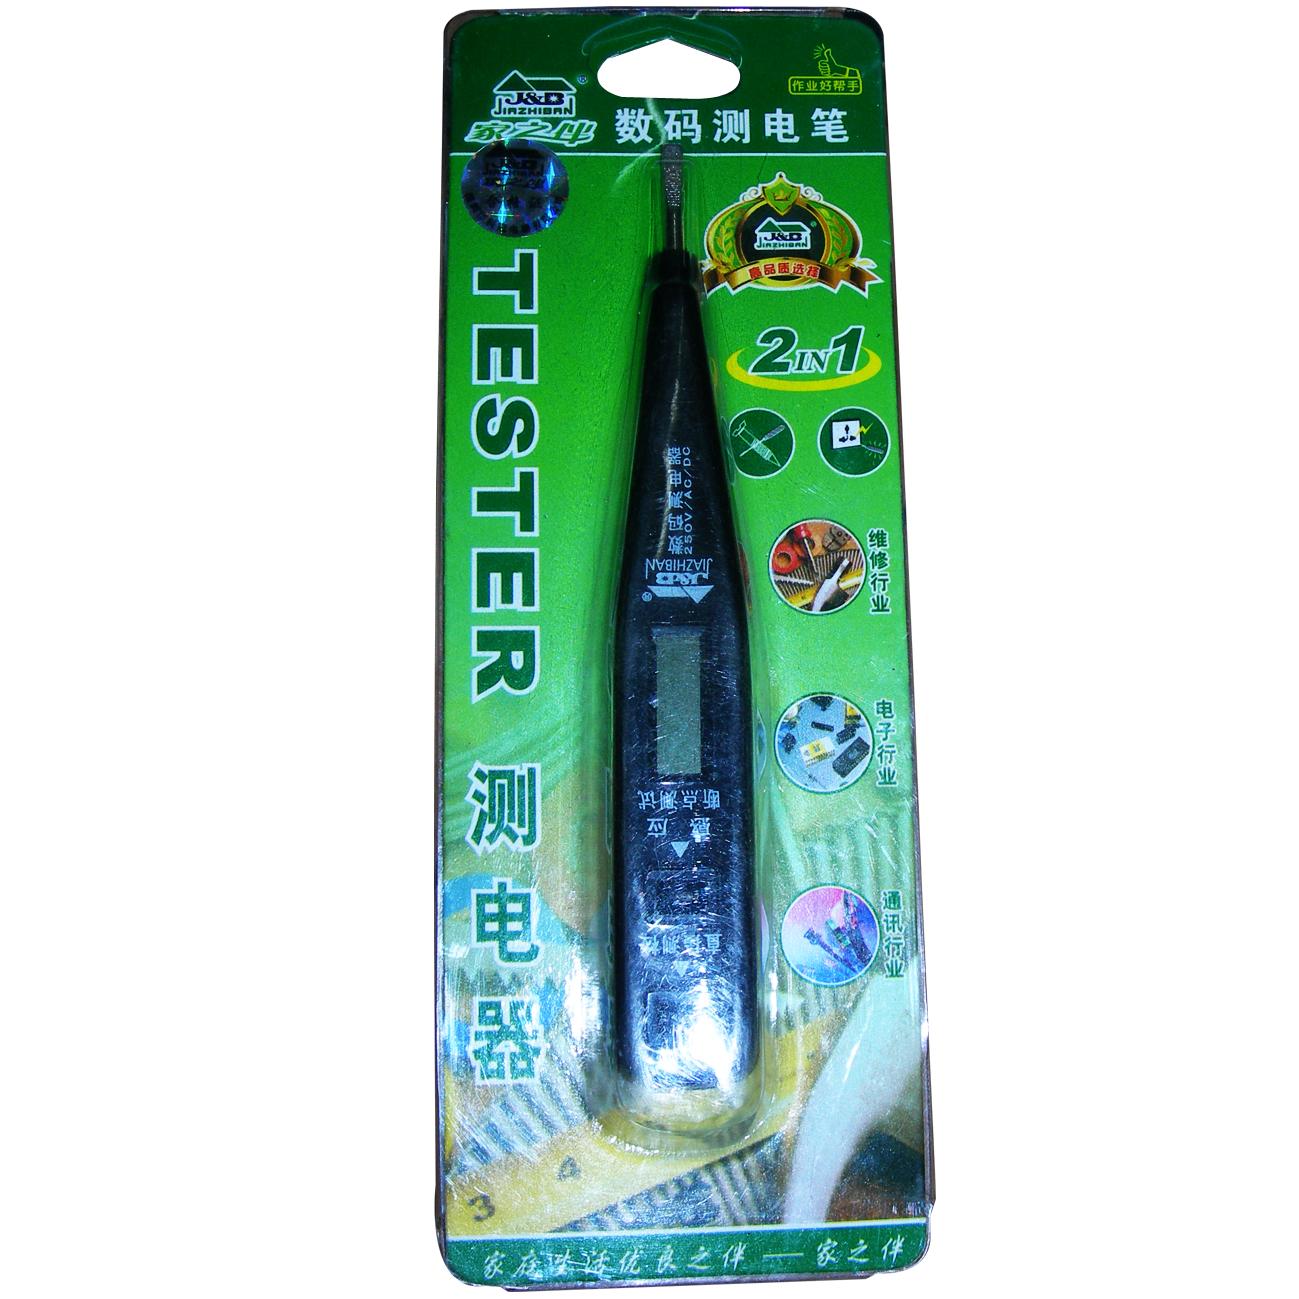 家之伴测电笔_测电笔_单头工具